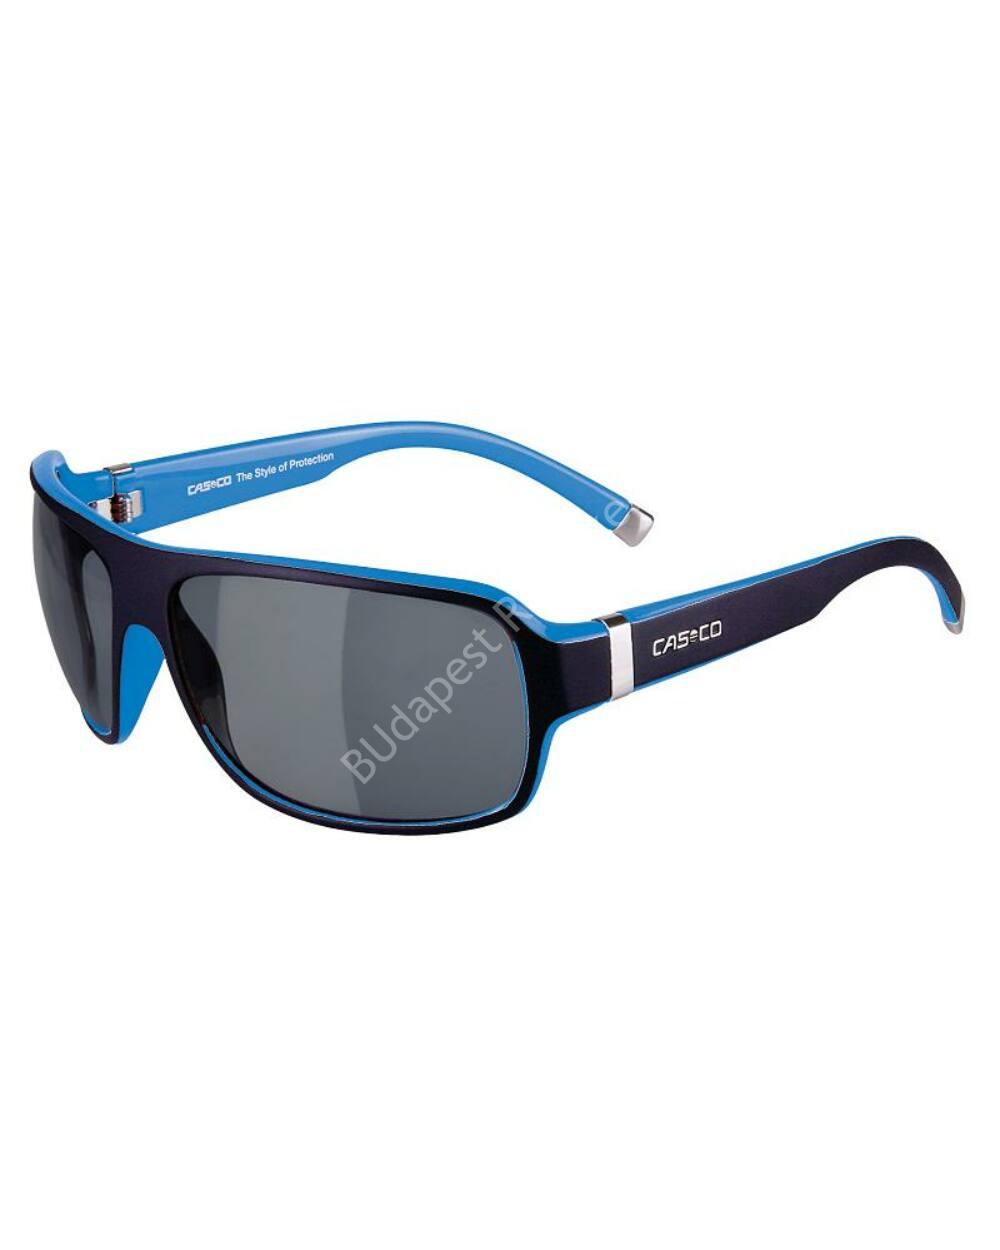 Casco SX-61 Carbonic Bicolor UV-védős sportszemüveg, fekete-kék